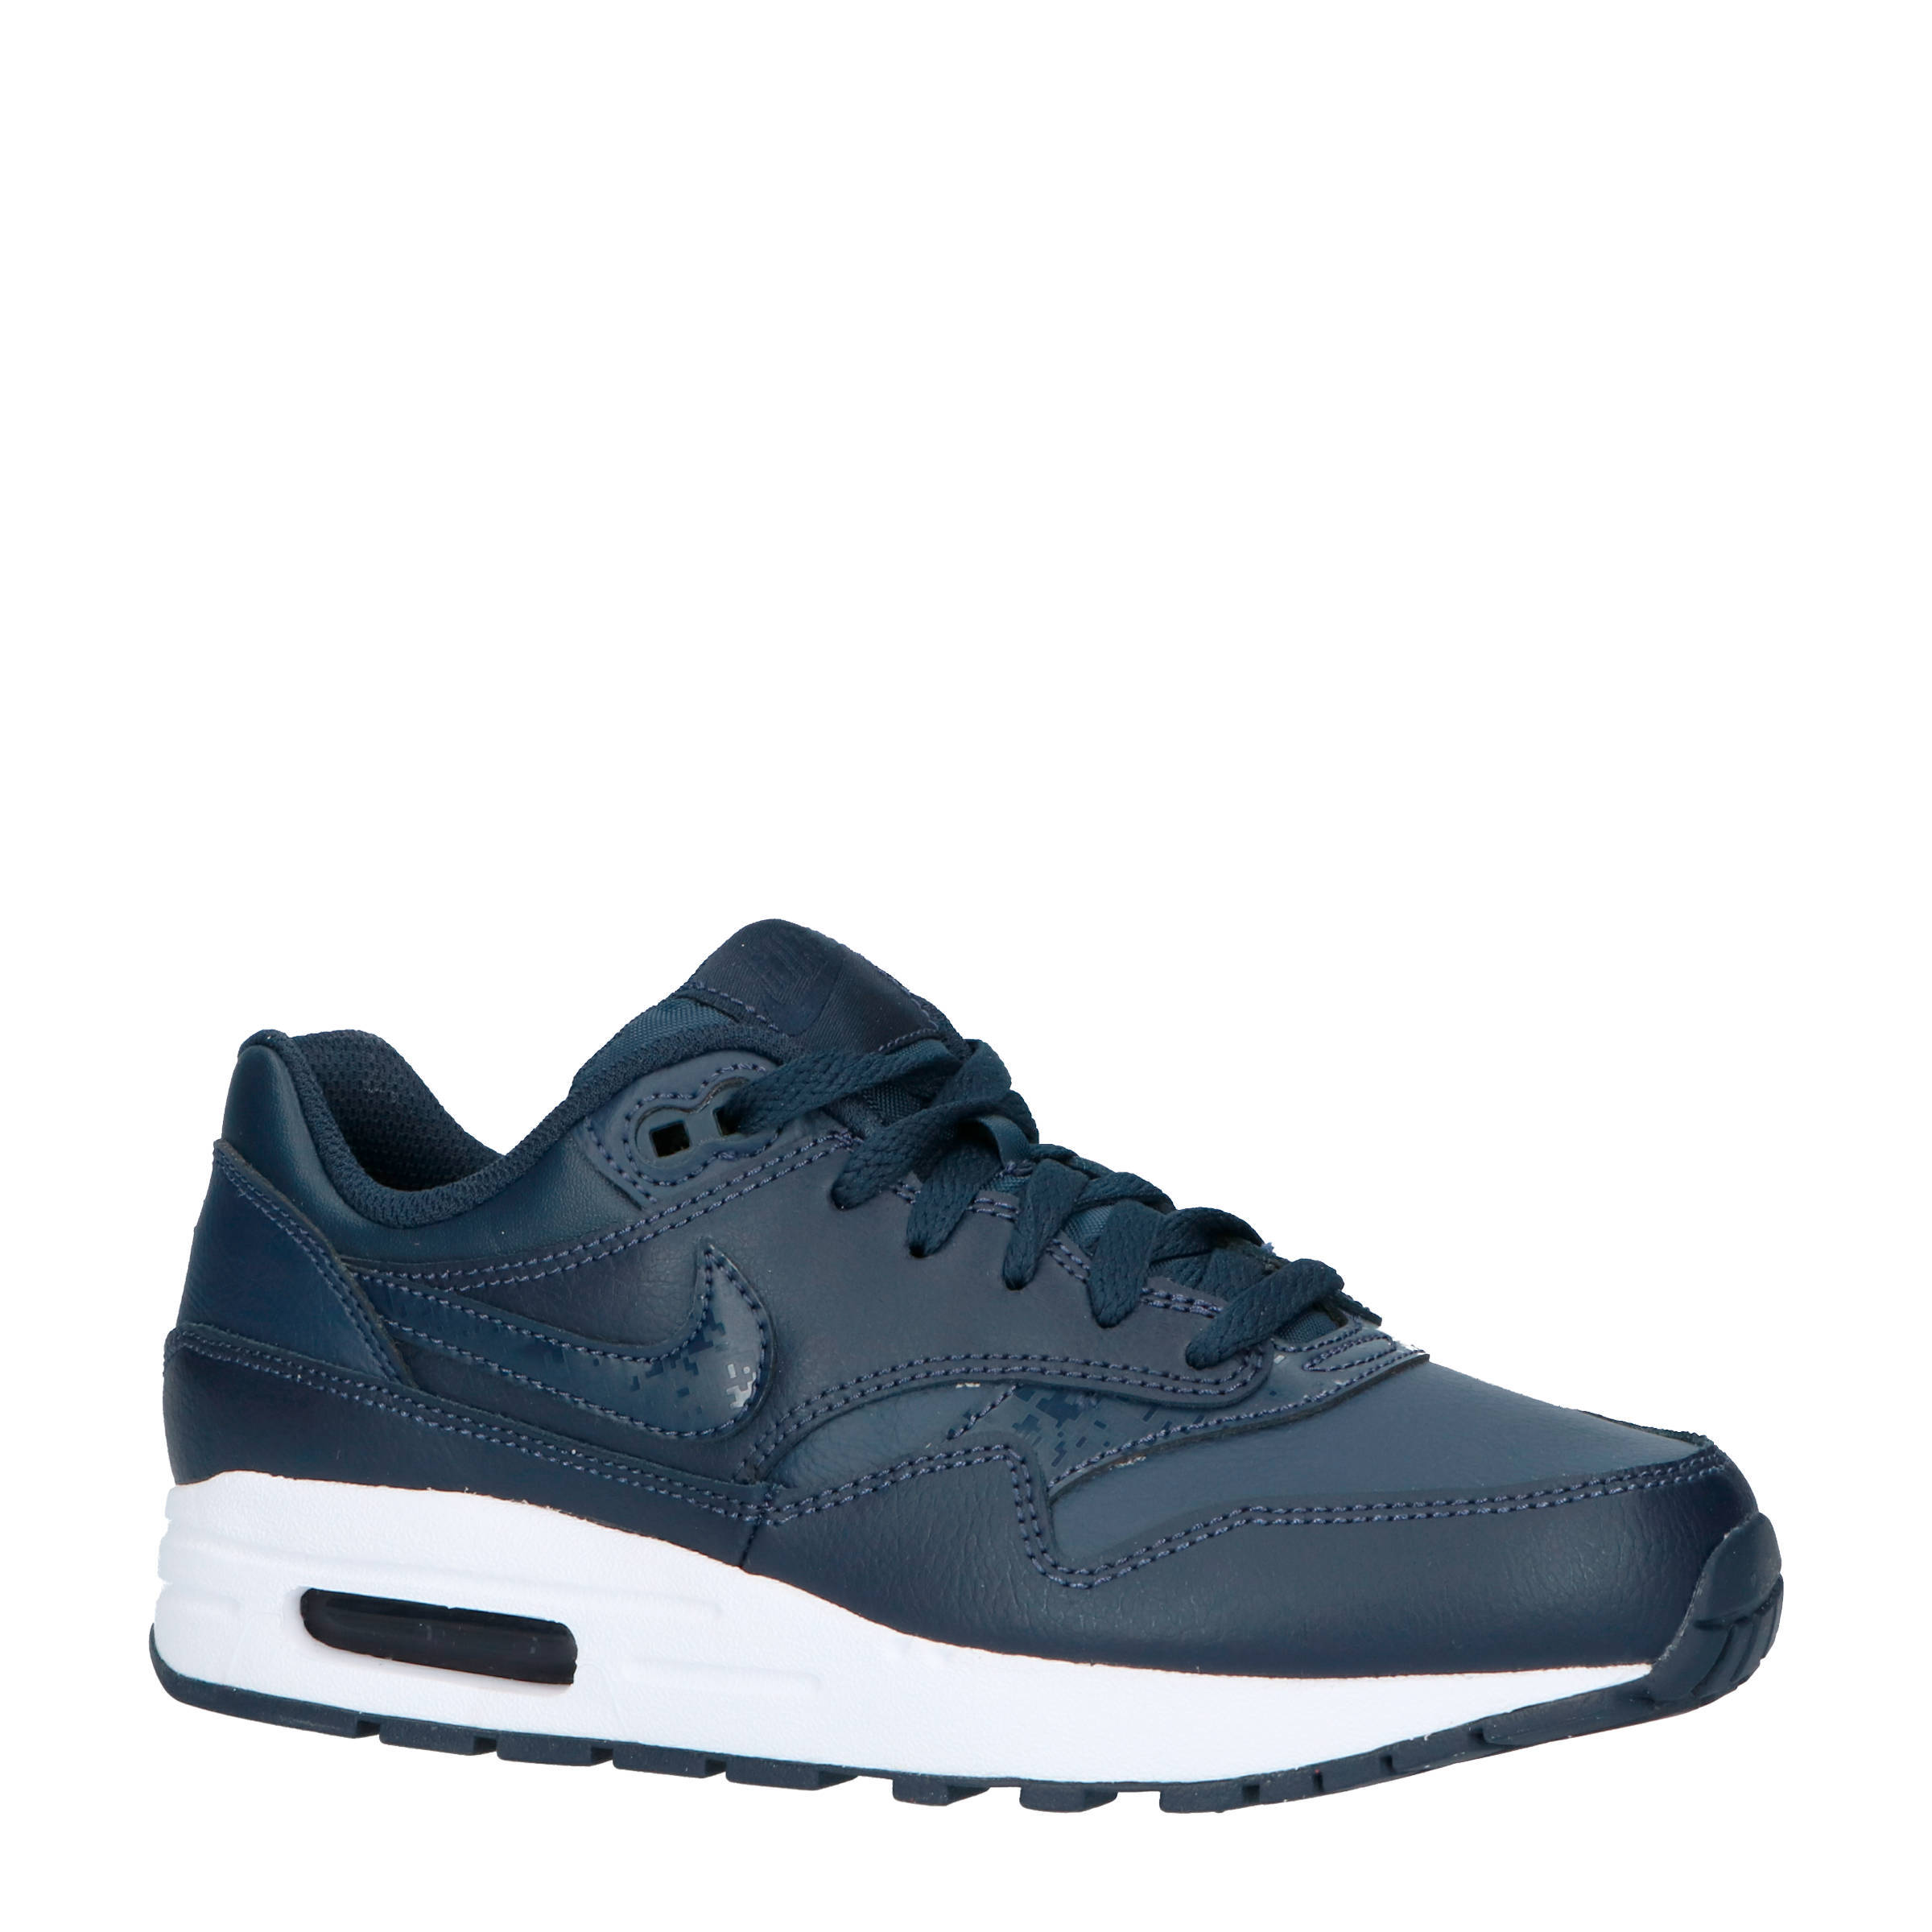 88760534edf nike-air-max-1-sneakers-donkerblauw-donkerblauw-0888408033826.jpg